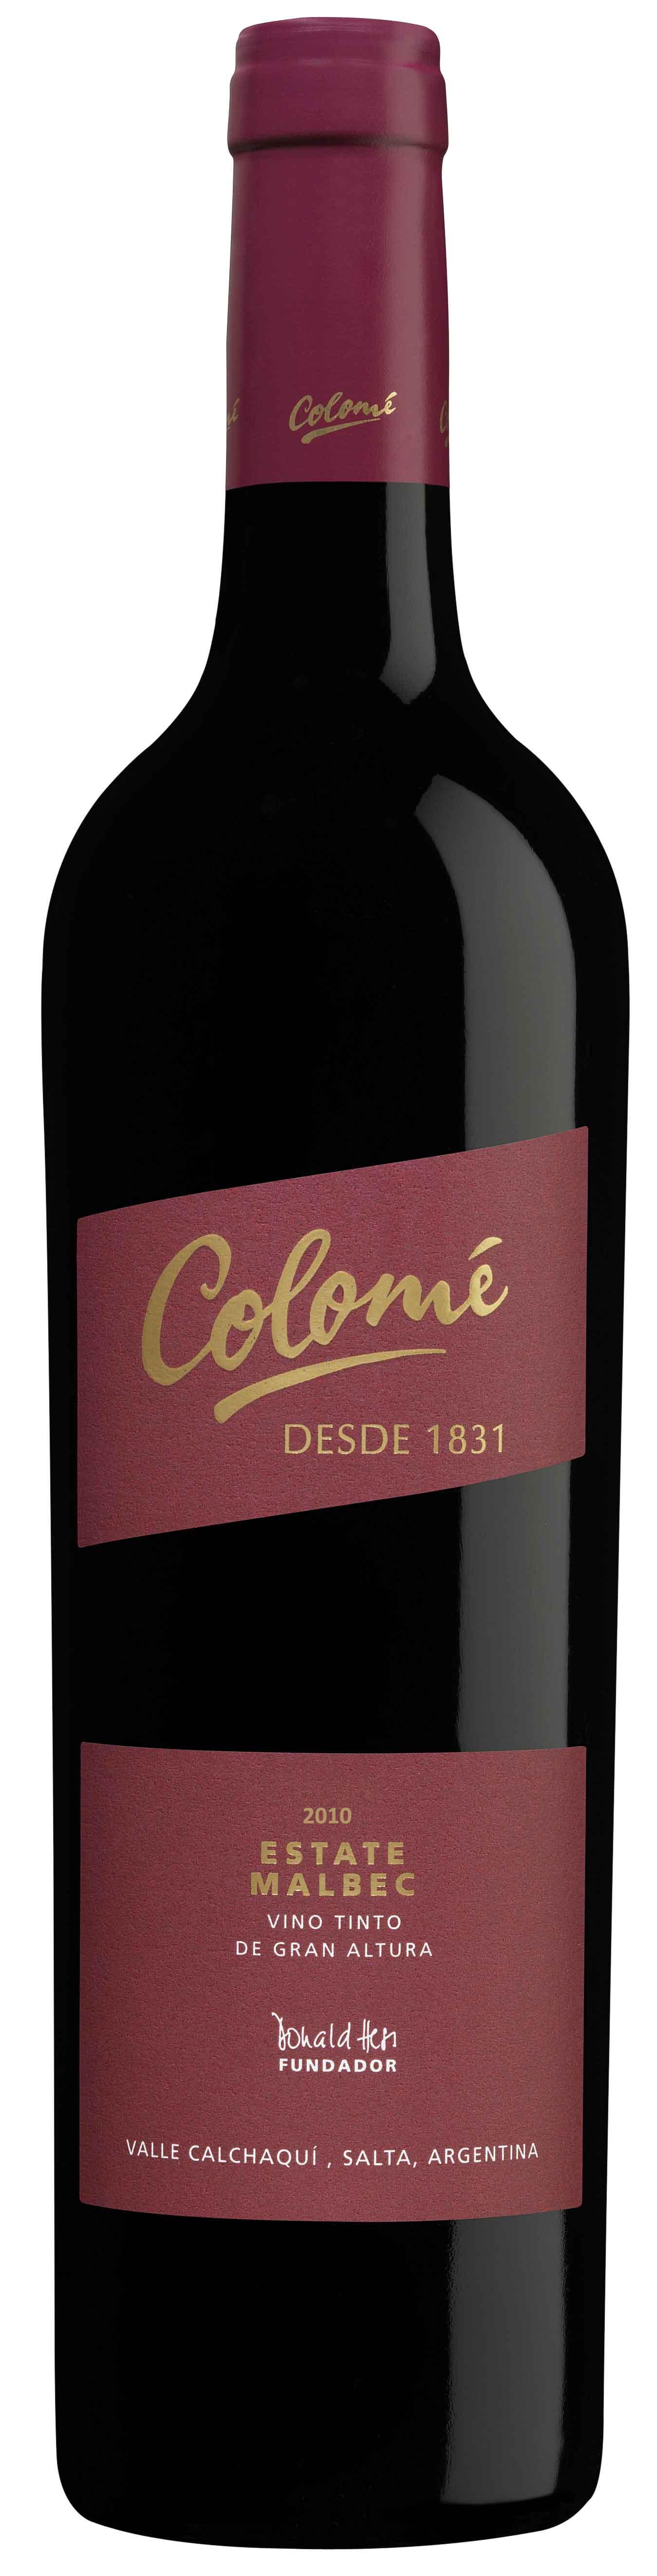 Colome Estate Malbec 2011 Bodega Colome Valle Calchaqui Provincia De Salta Argentina Altura S N M 2300 A 3100 Intenso Y Com Vinhos E Queijos Wine Frutas